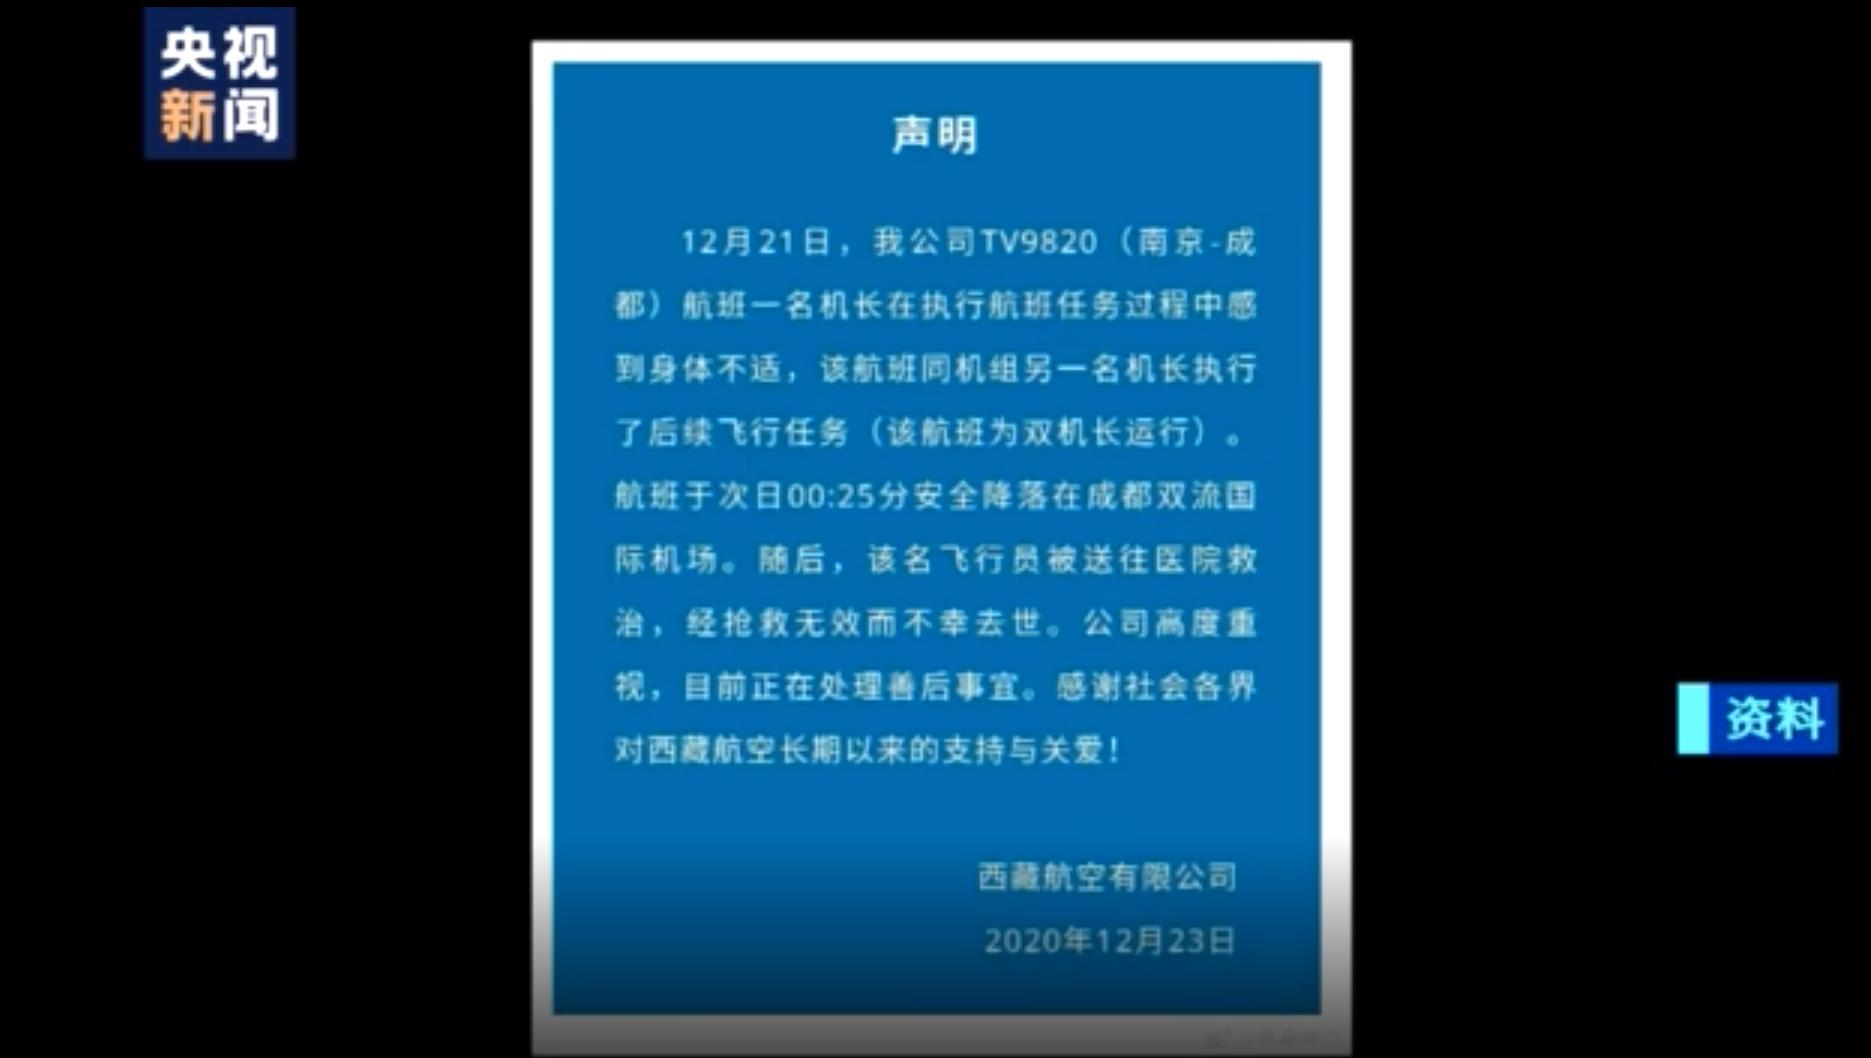 西藏航空一机长执行任务落地后去世 双机长